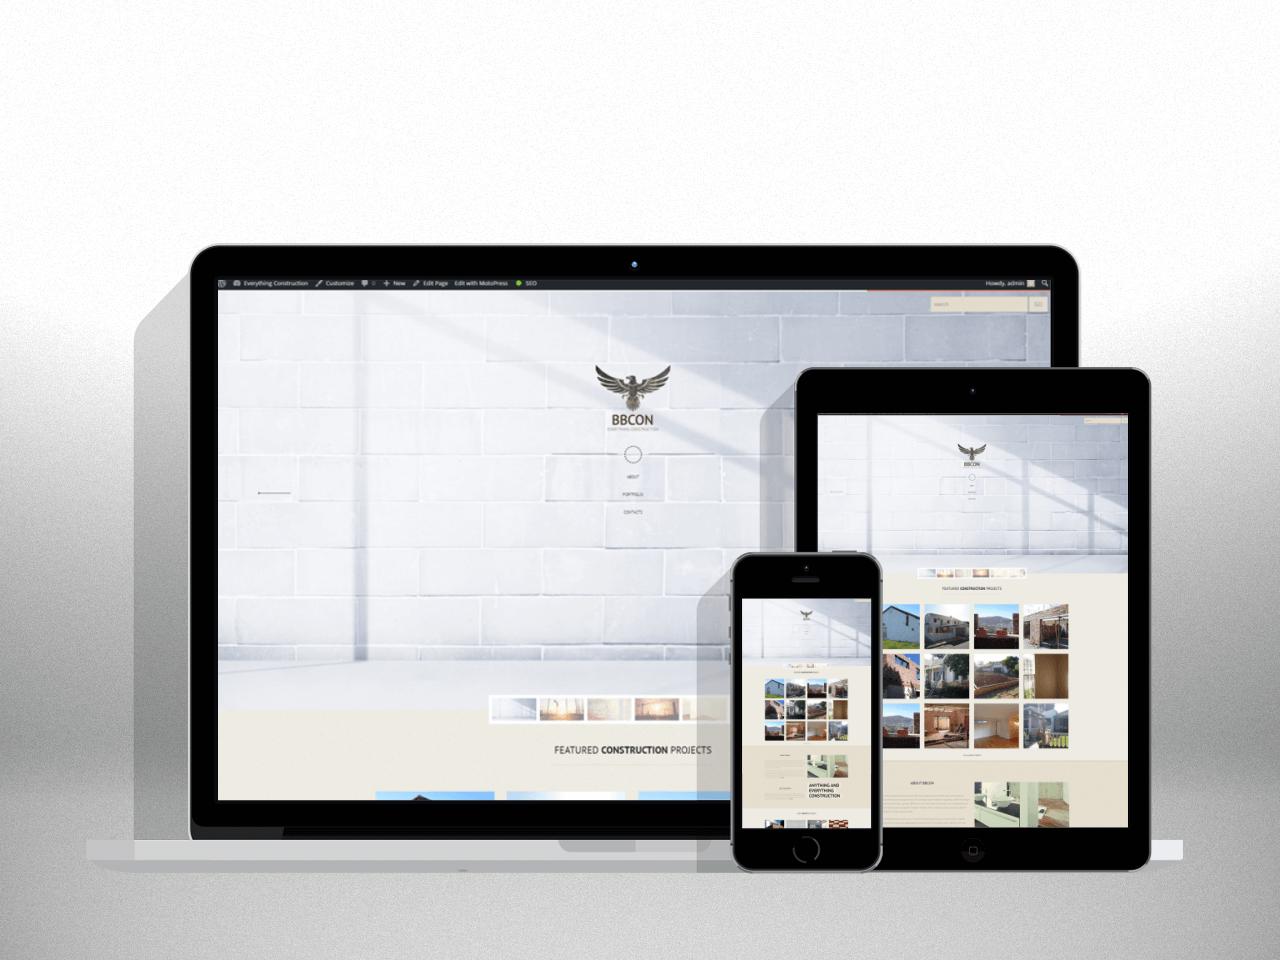 Web Design Archives - Zyger